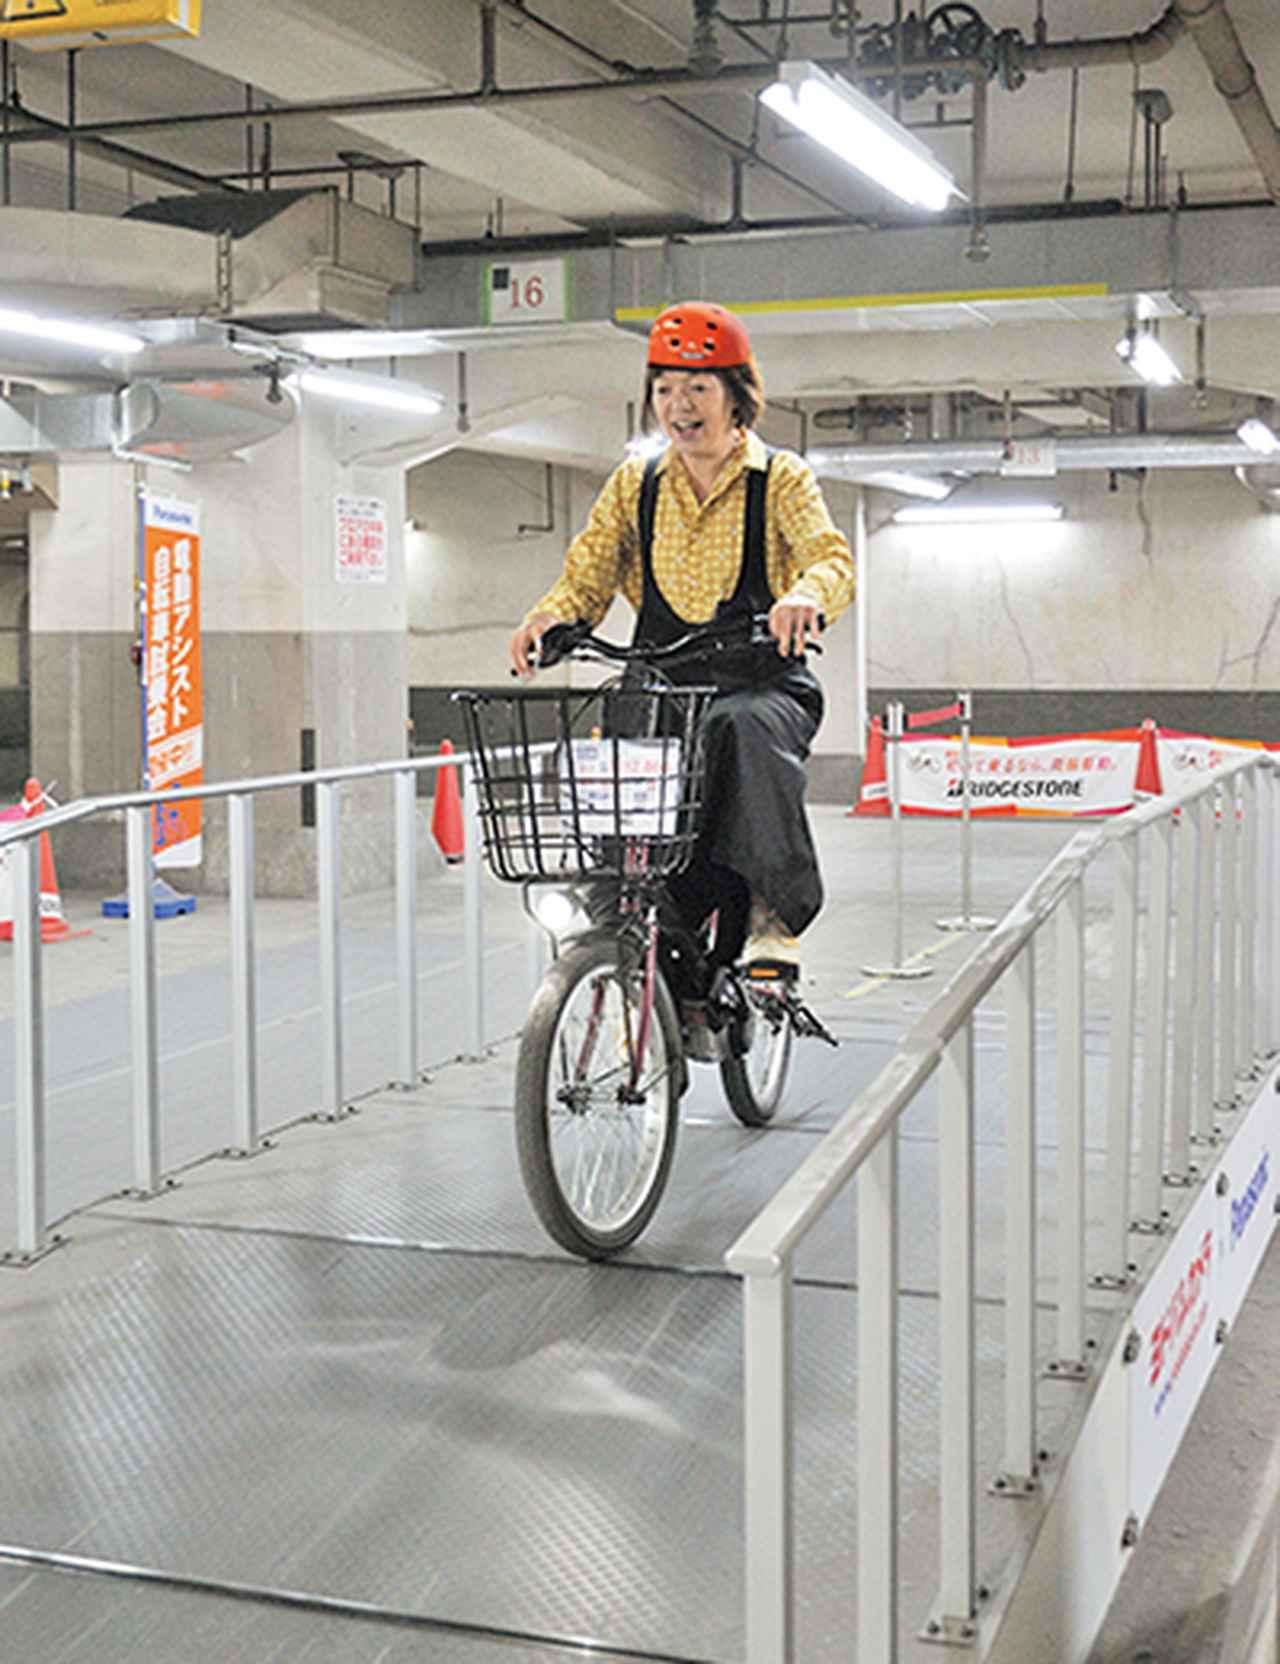 画像1: 全長200メートル!購入前に乗れる自転車の試乗コースが地下にあった!